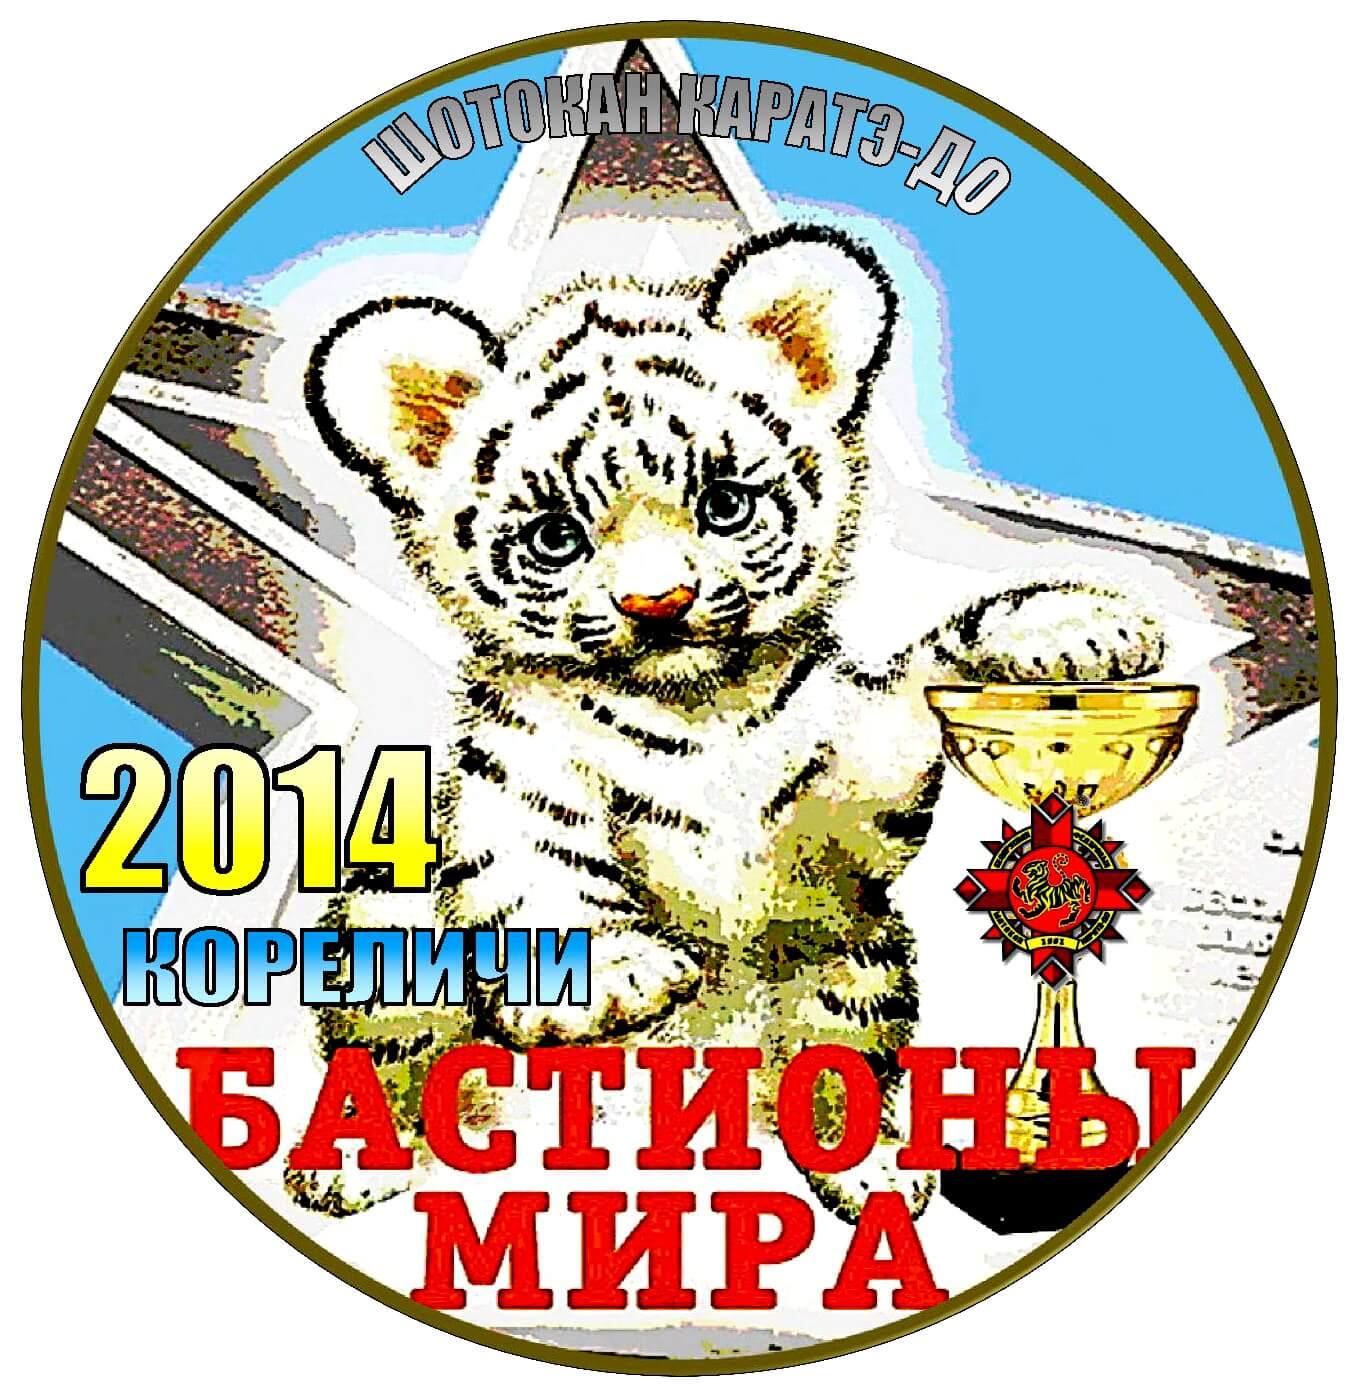 Кореличи 2014 Лого